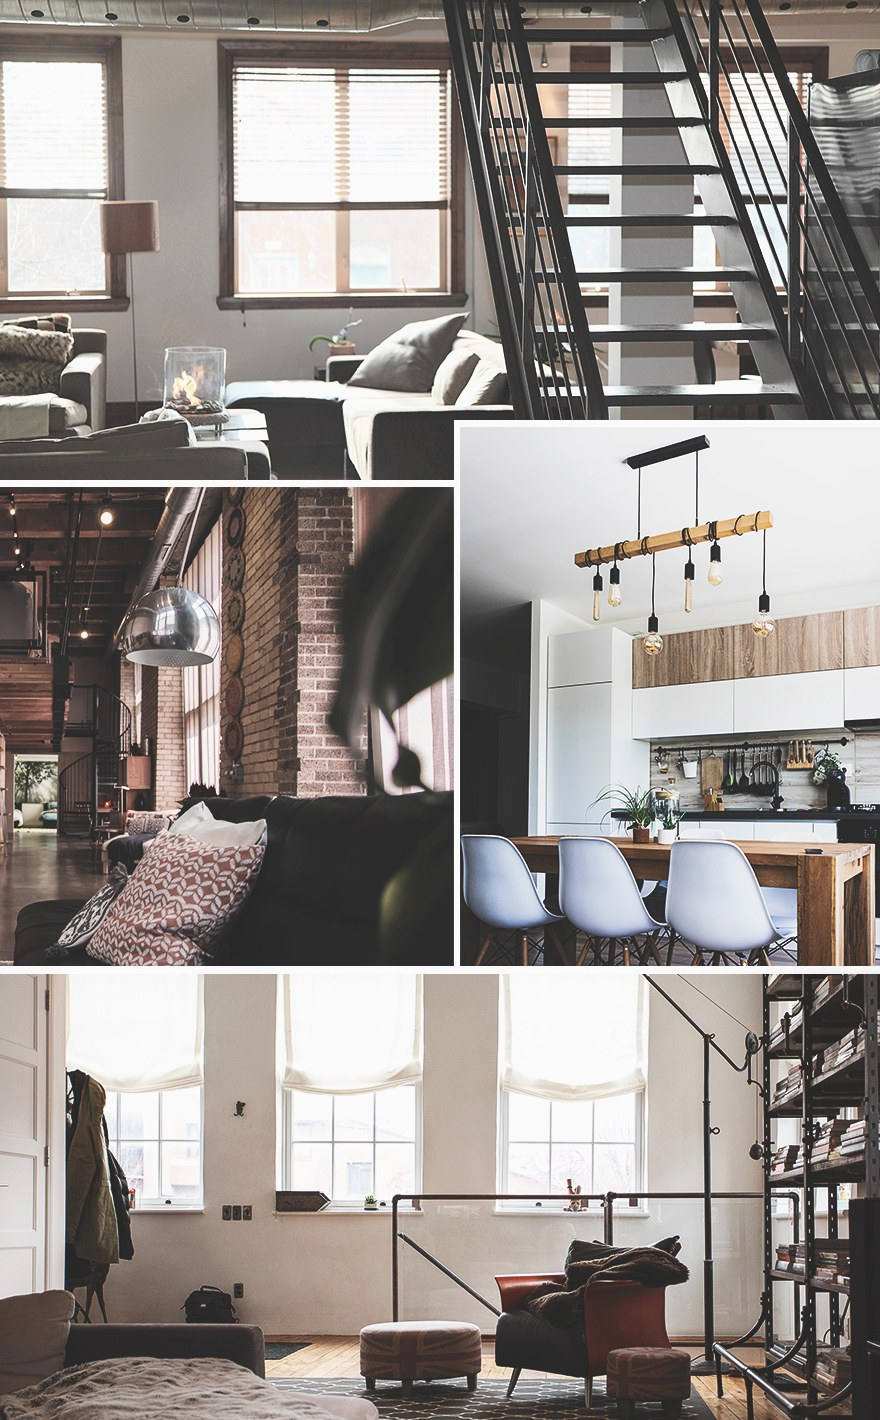 5 причин, почему всем так нравится стиль лофт идеи для дома,интерьер и дизайн